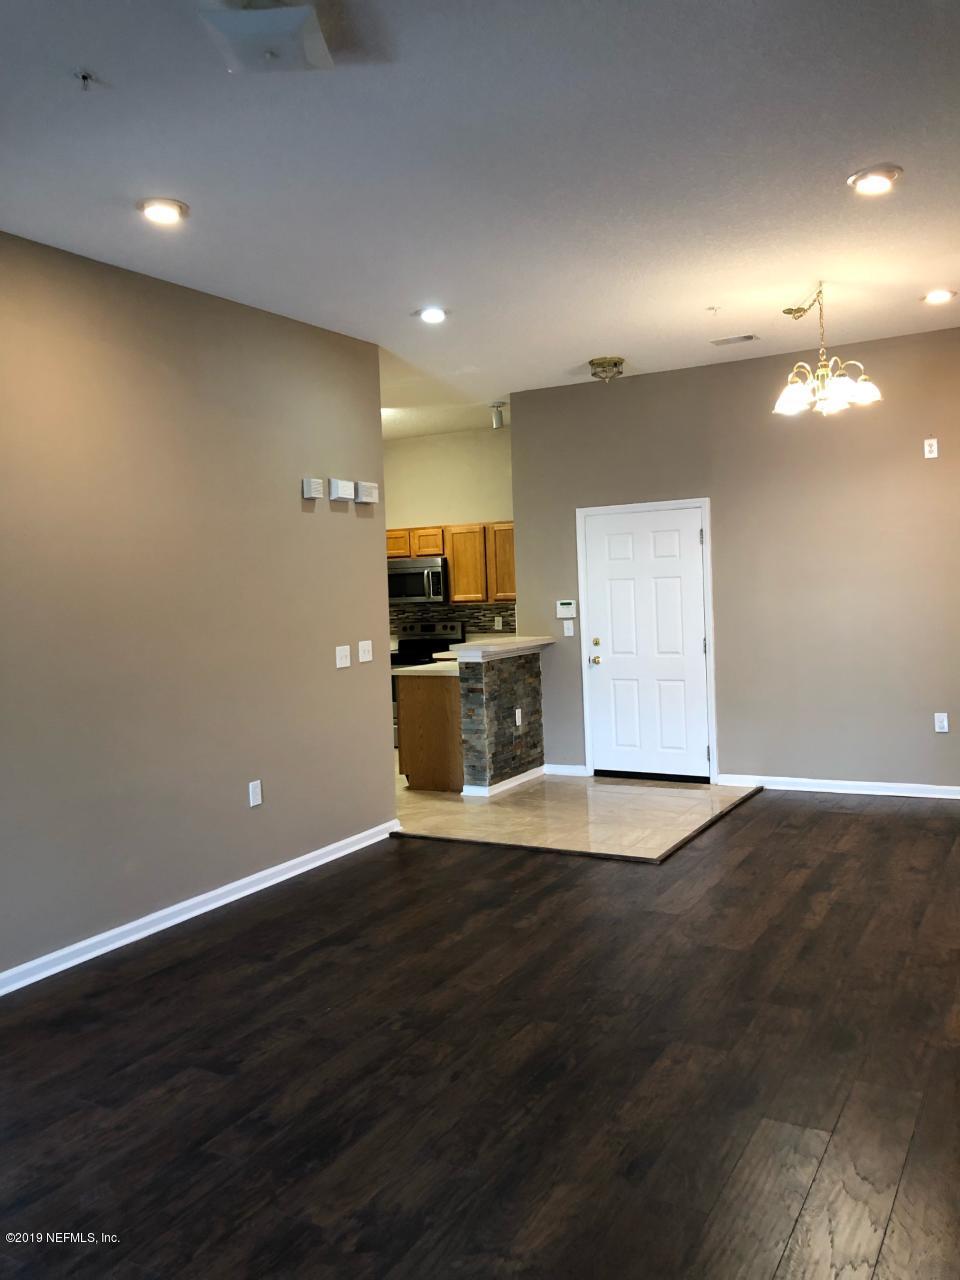 5201 PLAYPEN, JACKSONVILLE, FLORIDA 32210, 3 Bedrooms Bedrooms, ,2 BathroomsBathrooms,Condo,For sale,PLAYPEN,1008409